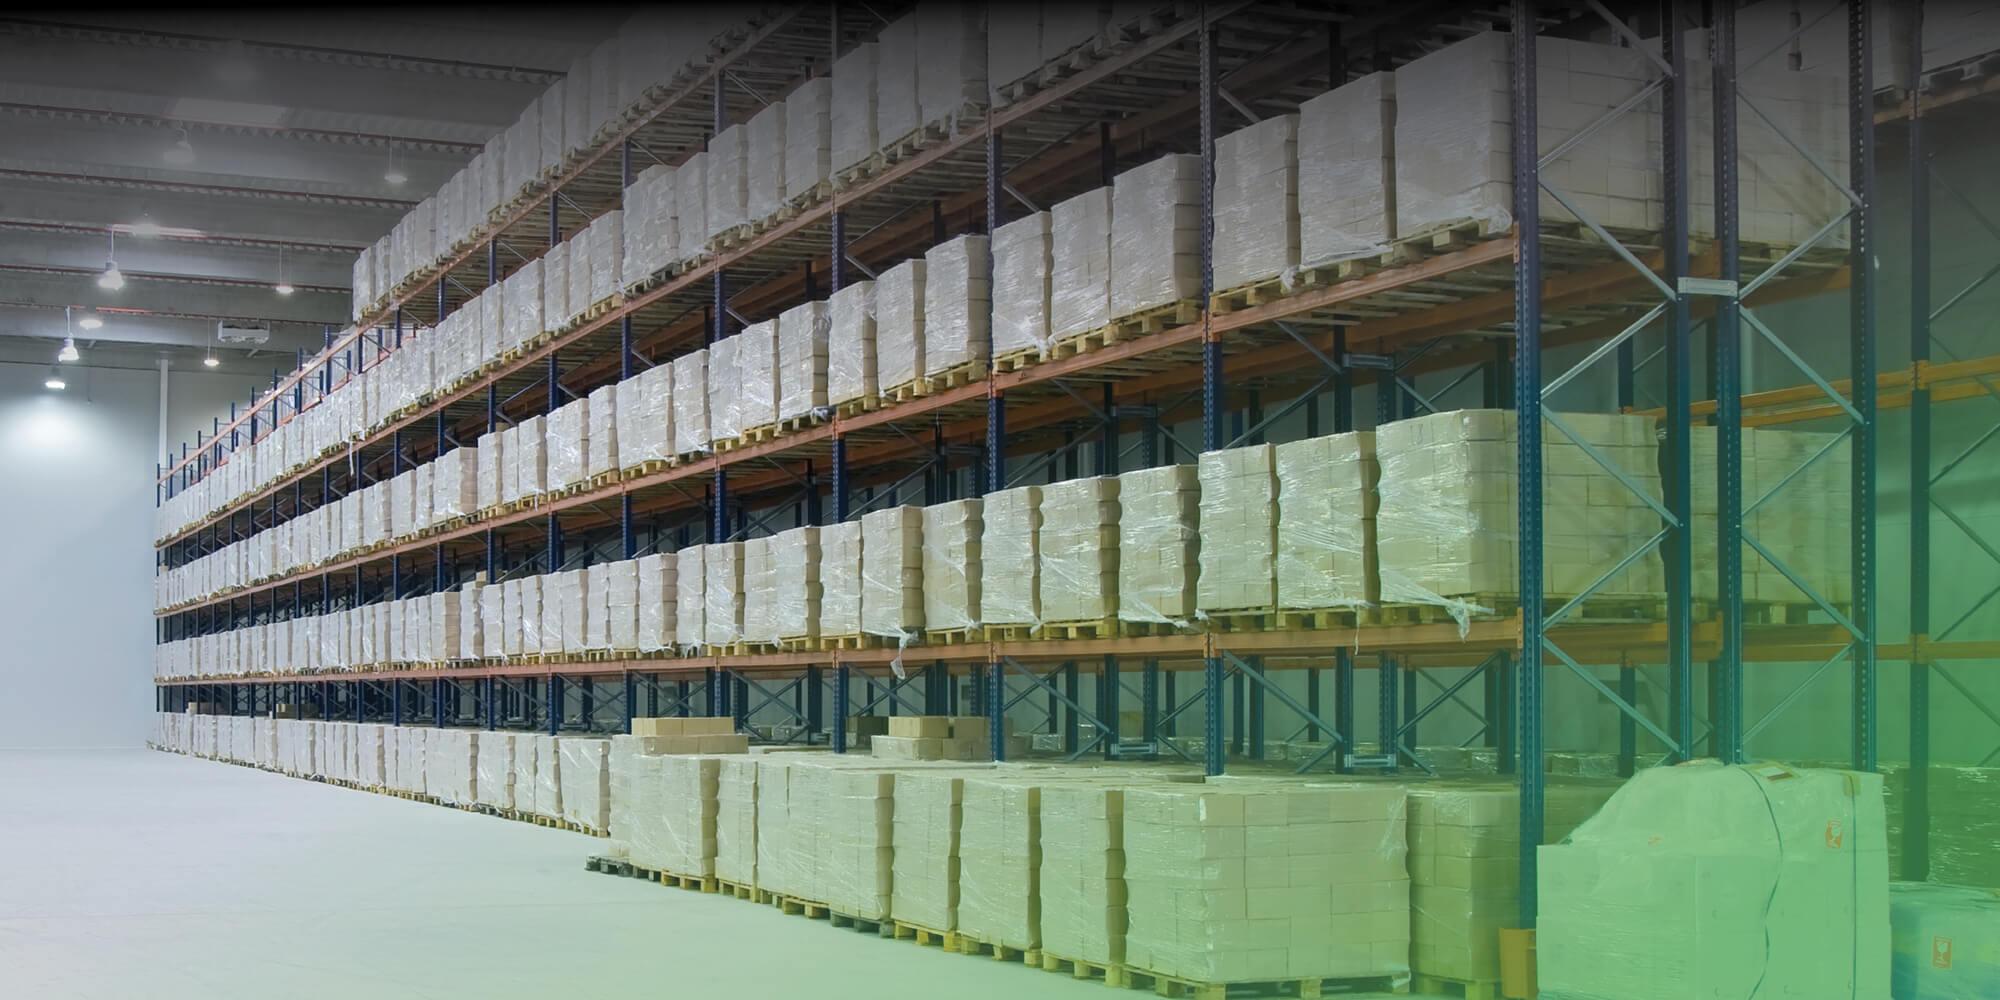 Warehousing expertise